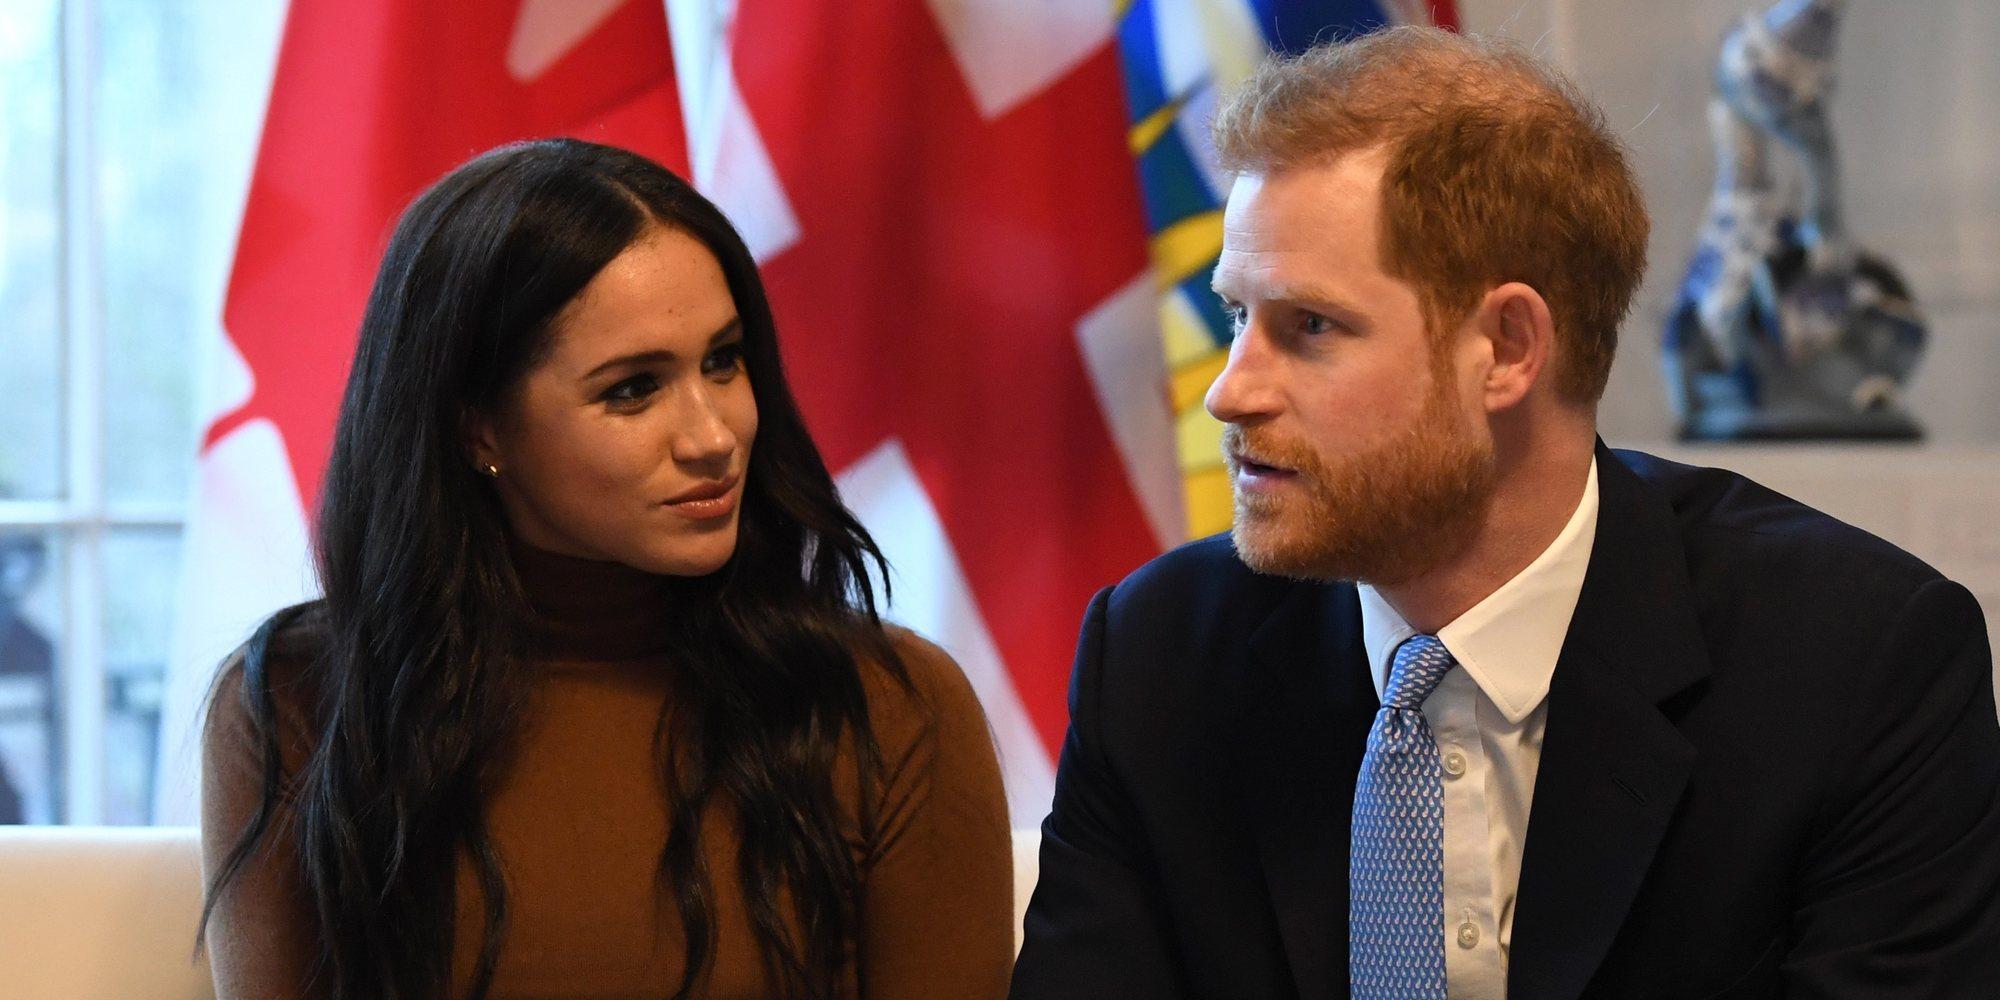 La amenaza de los Duques de Sussex si no consiguen una solución satisfactoria a su salida de la Casa Real Británica